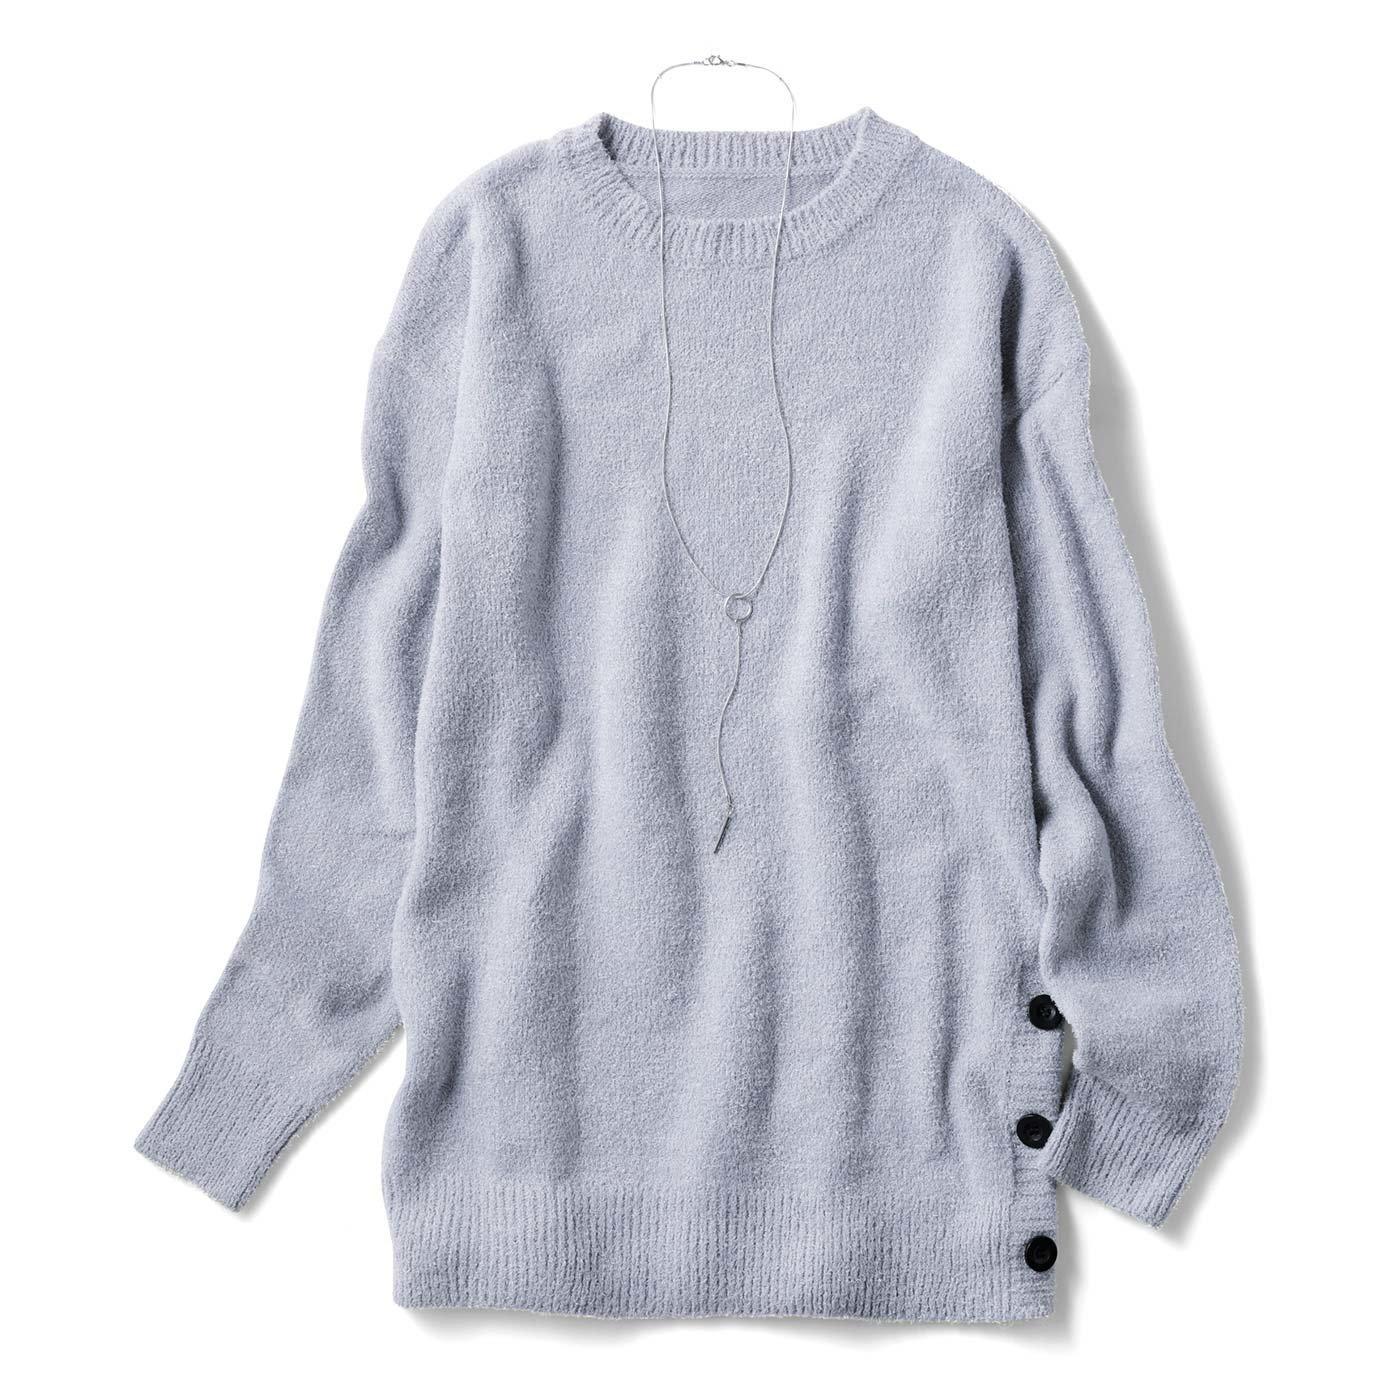 IEDIT×TOPLOG 冬のコーデが華やぐネックレス付きティントカラーニット〈ブルーグレー〉